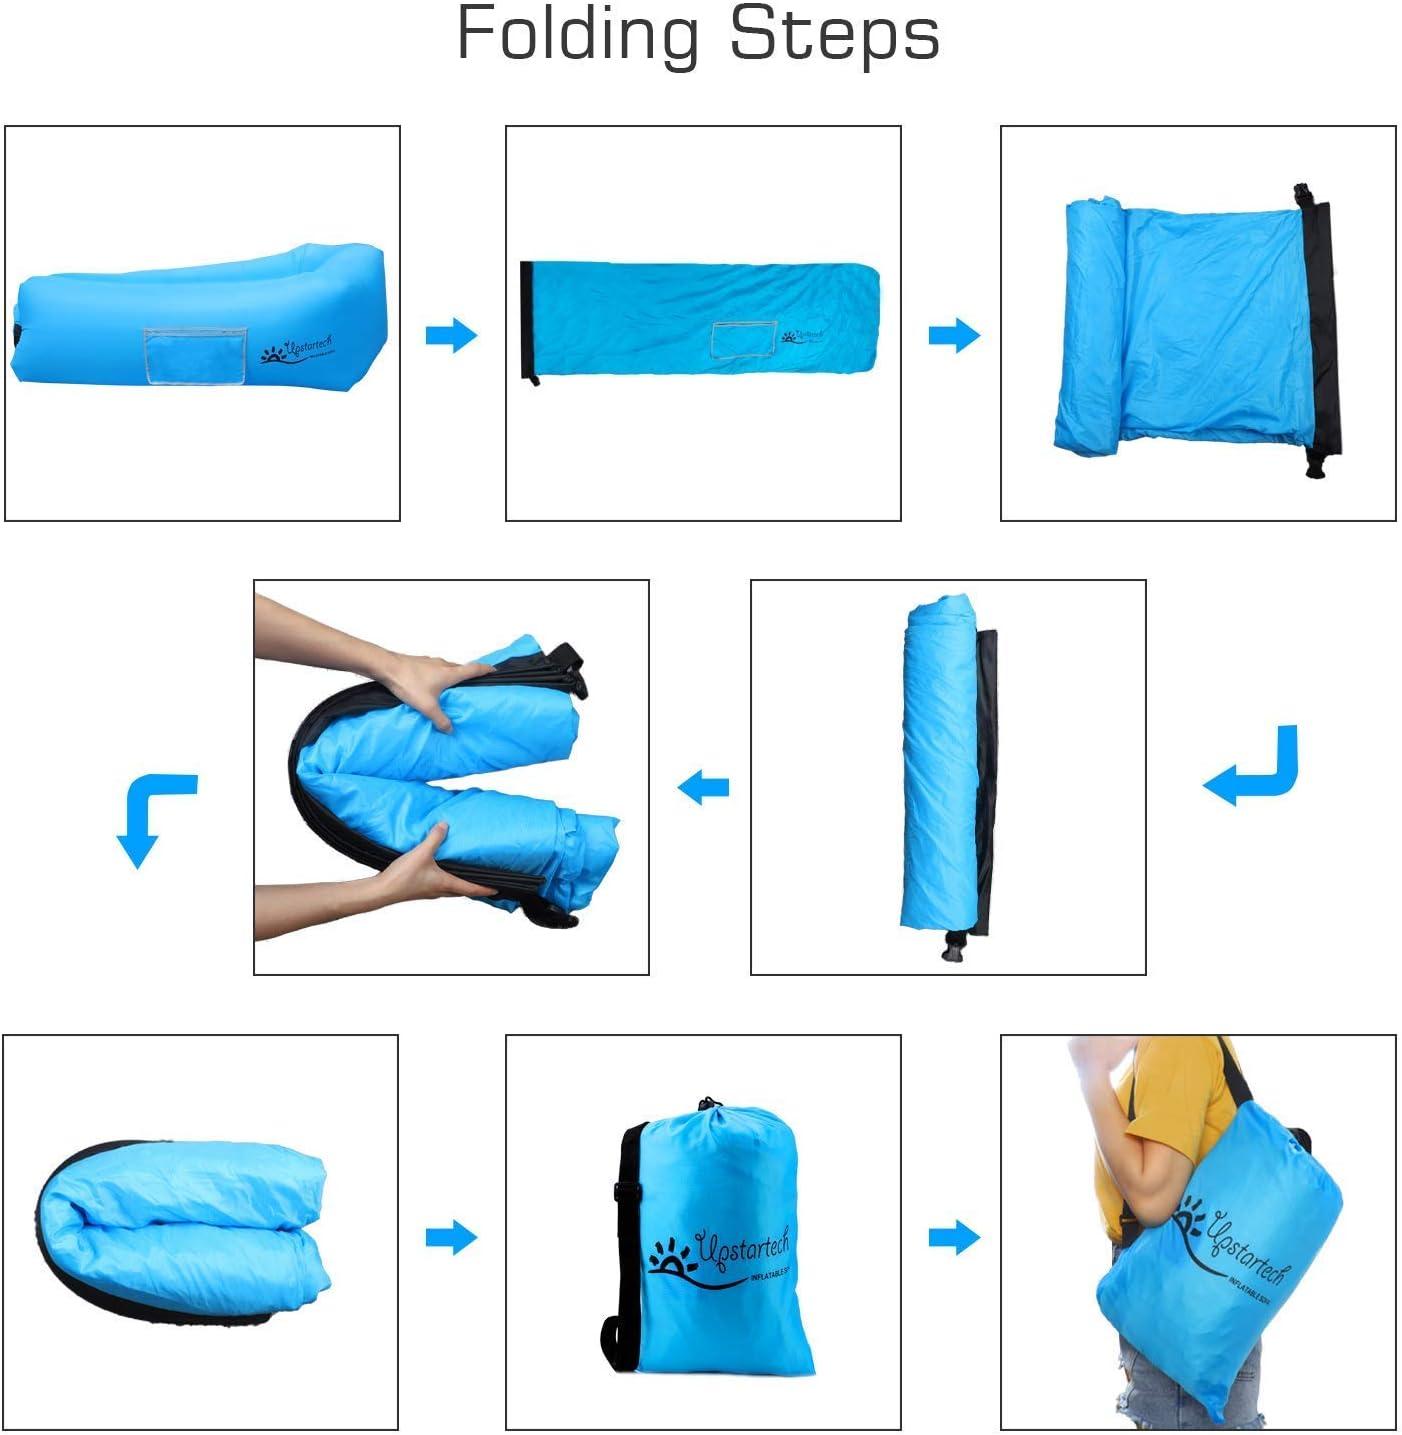 Qdreclod Canap/é Hamac Gonflable Air Sofa Matelas Gonflable Rapide Portatif Ext/érieur avec Tissu R/ésistant Aux D/échirures Canap/é Imperm/éable pour la Randonn/ée Les Pique-niques Le Camping